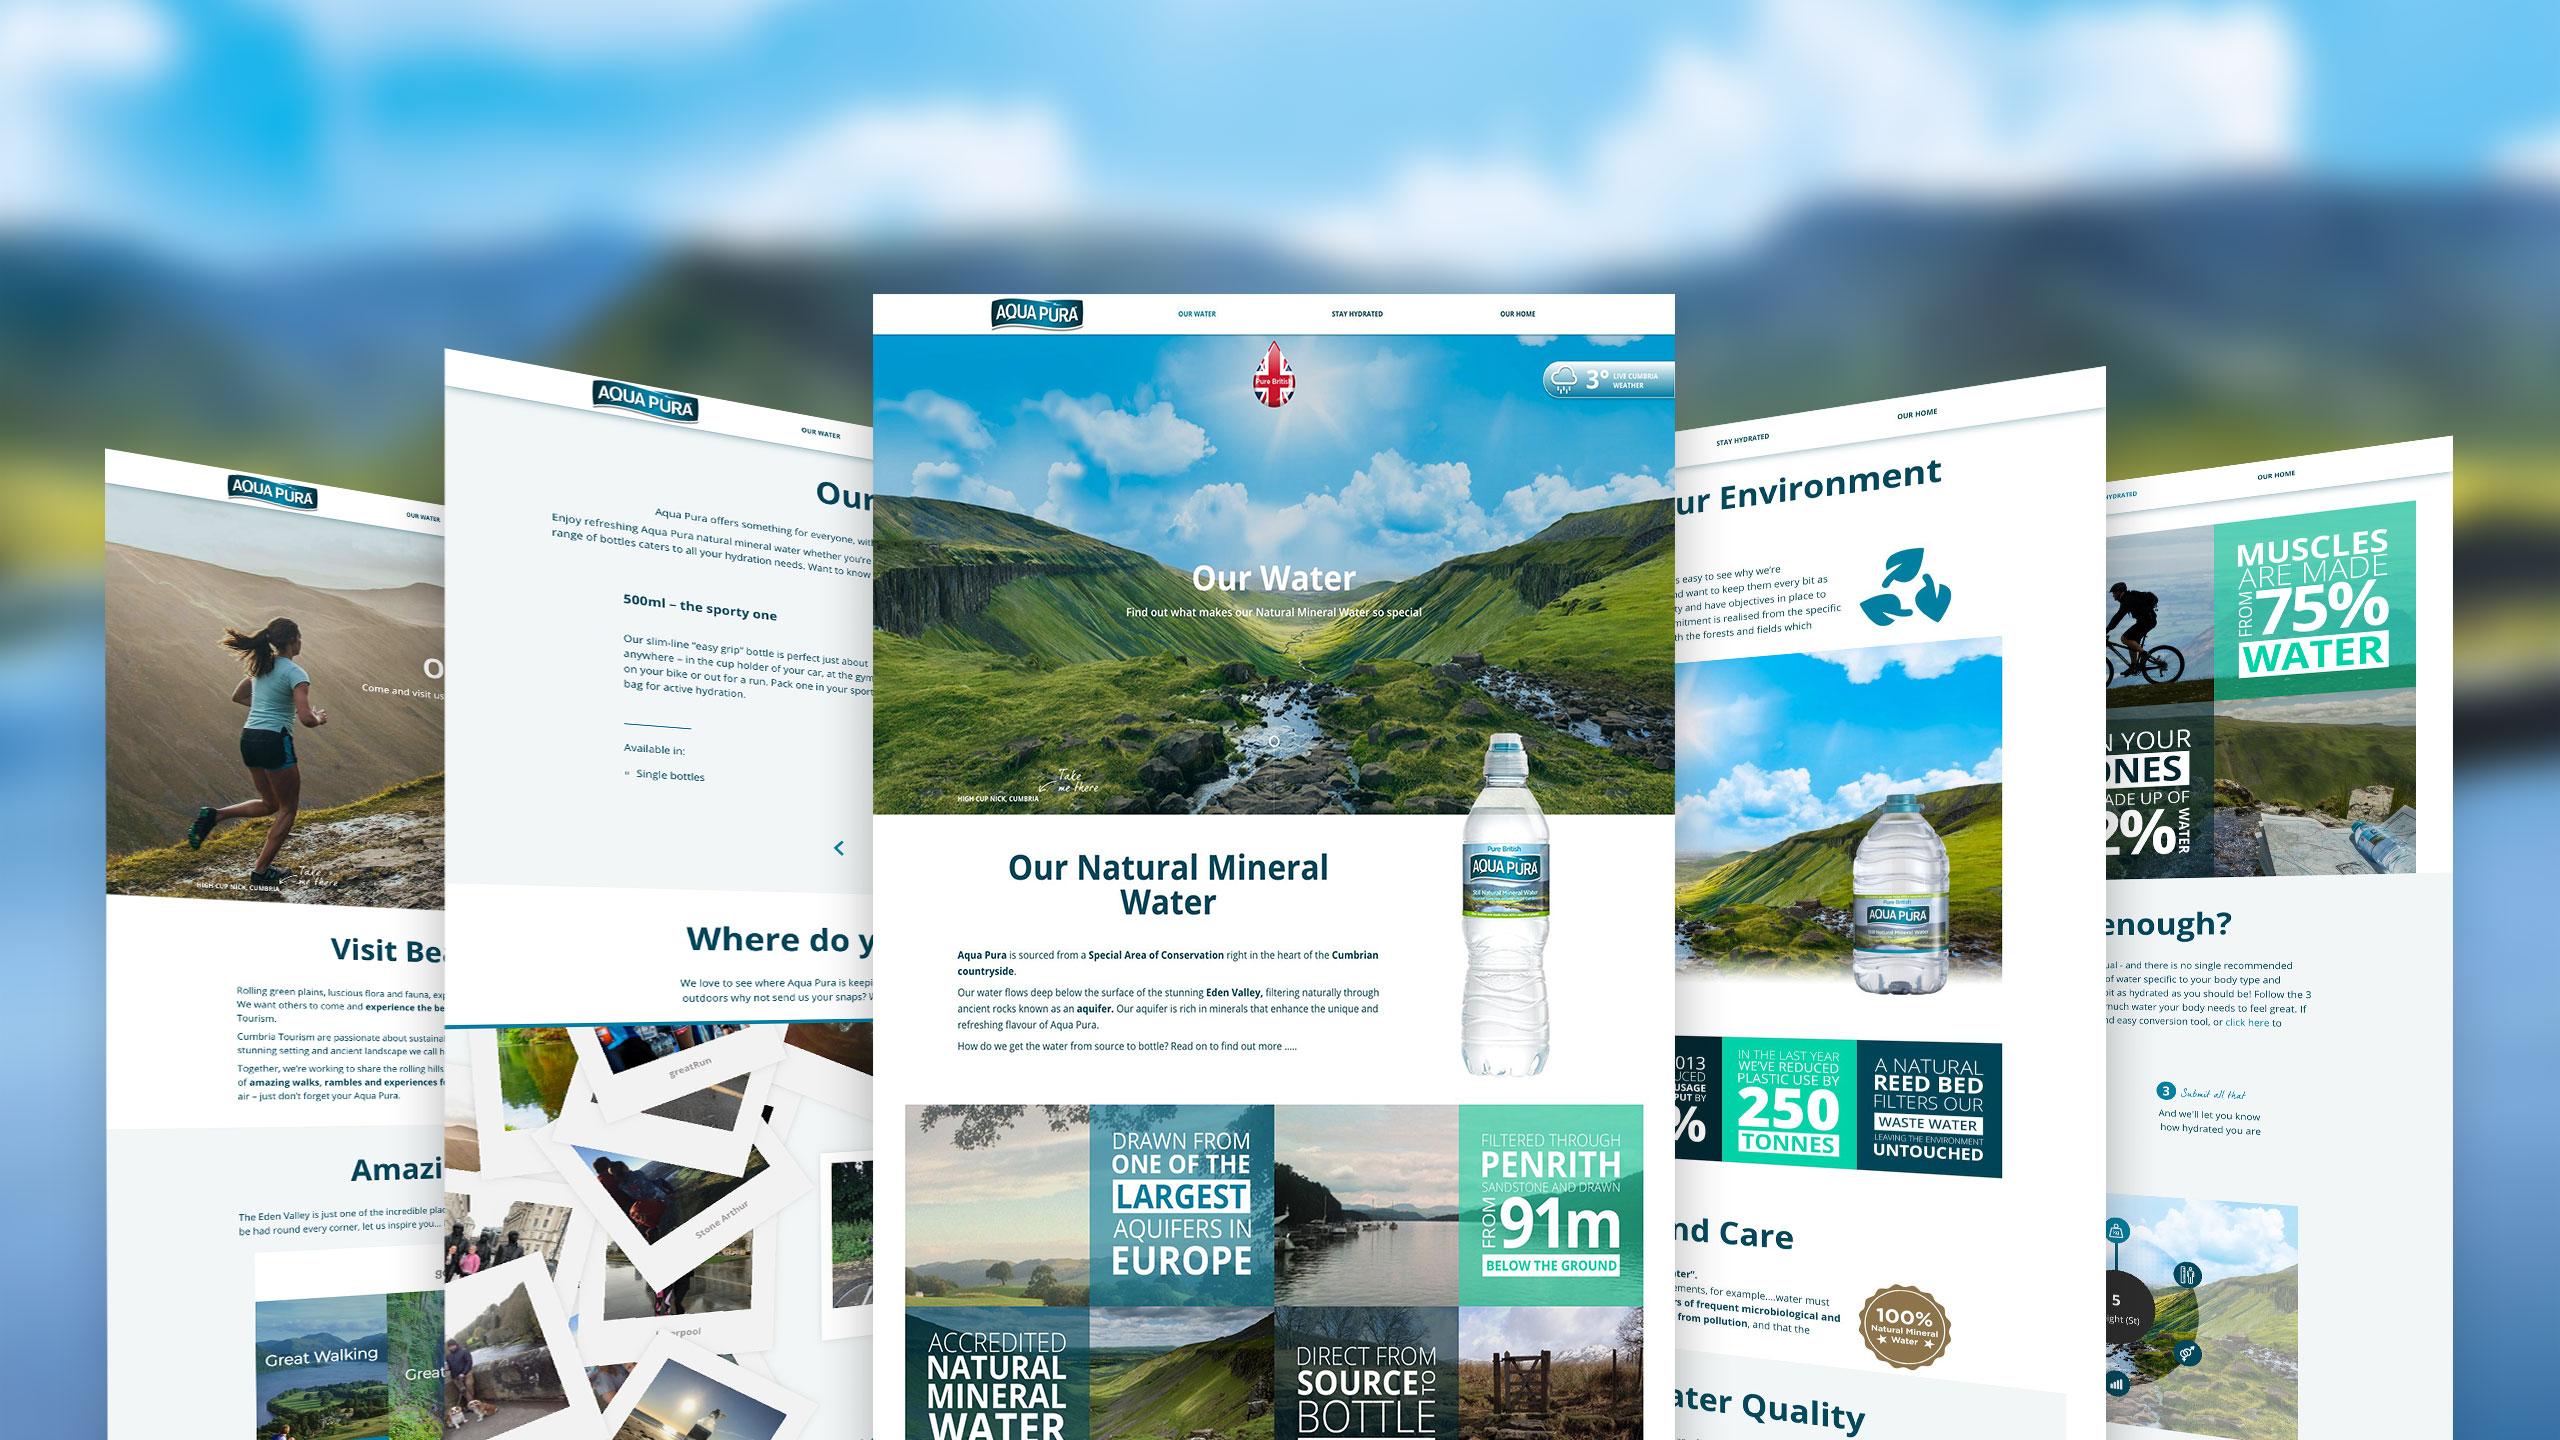 aqua pura website